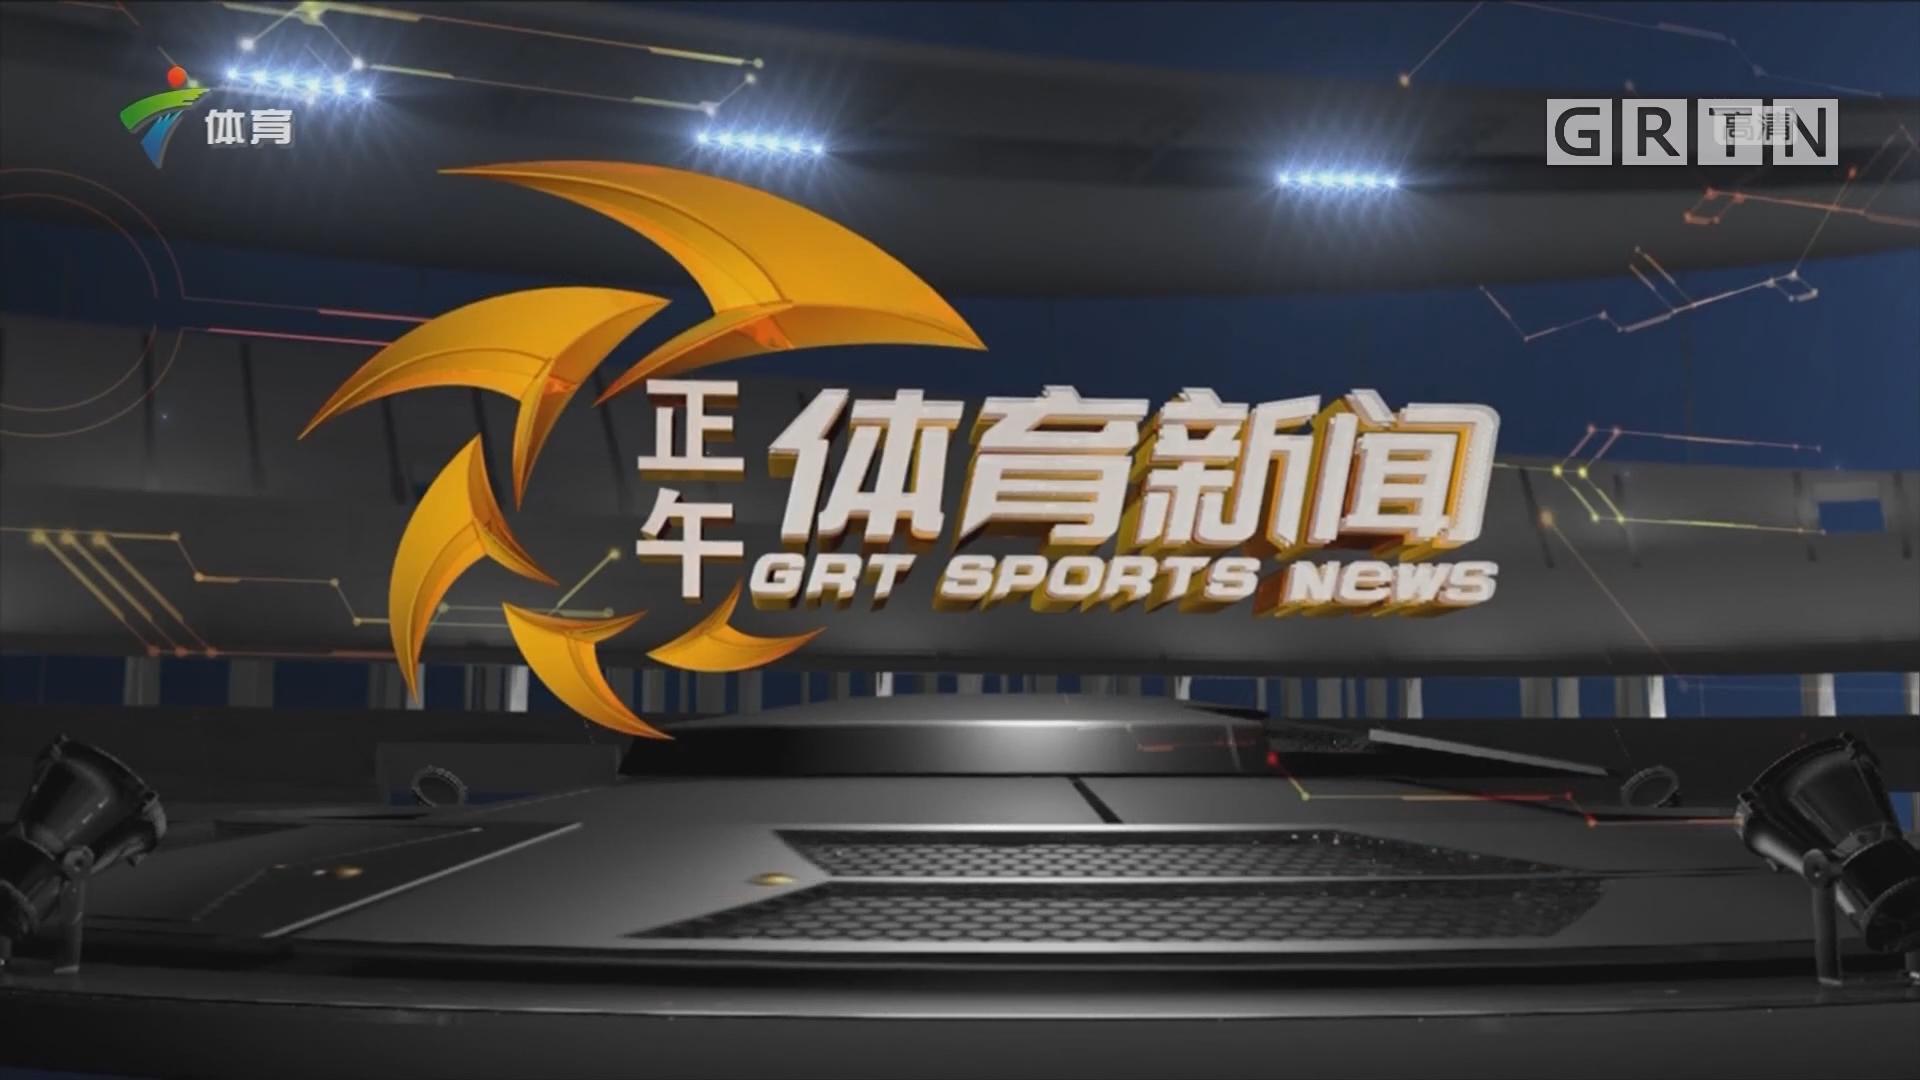 [HD][2018-11-17]正午体育新闻:广东东莞银行大胜青岛国信双星 延续赛季不败纪录